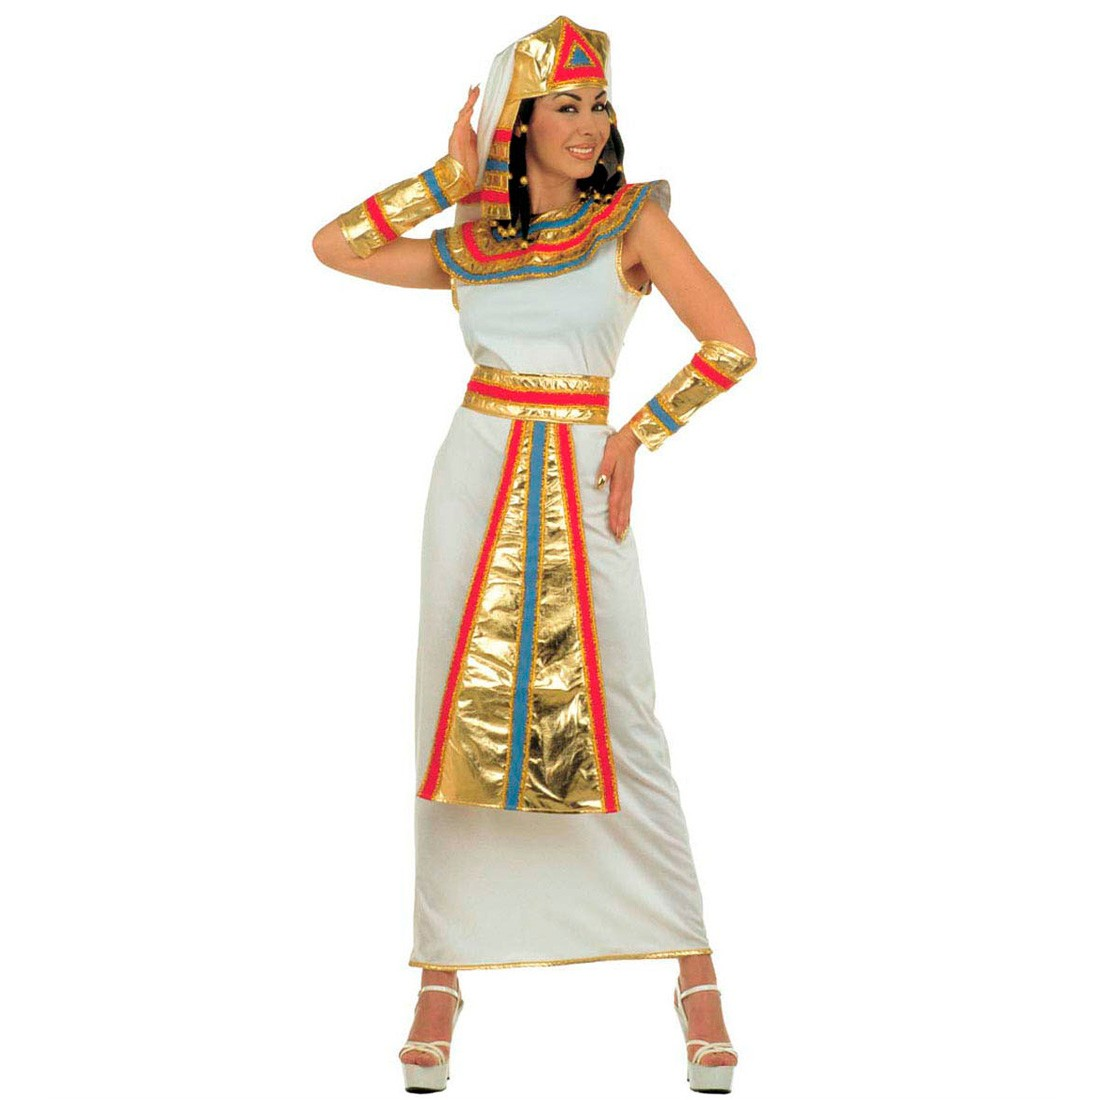 Karnevalskostume Cleopatra Kostum Kleopatra L 42 44 29 99